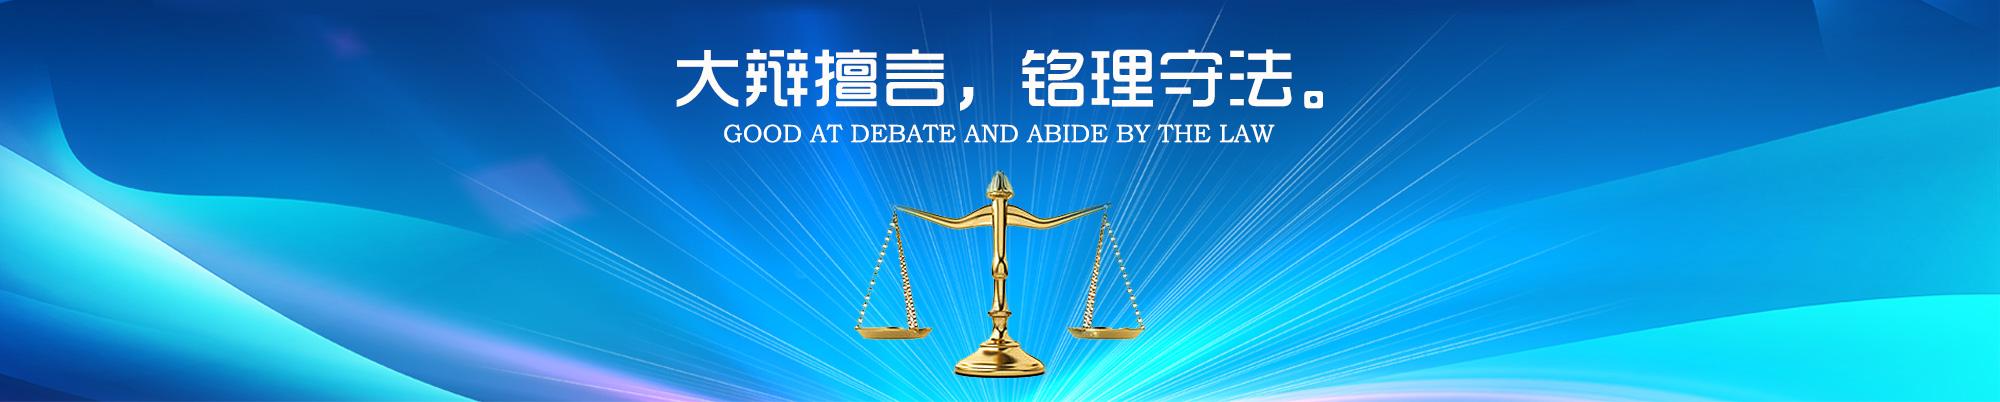 沈阳股权纠纷律师-张欧